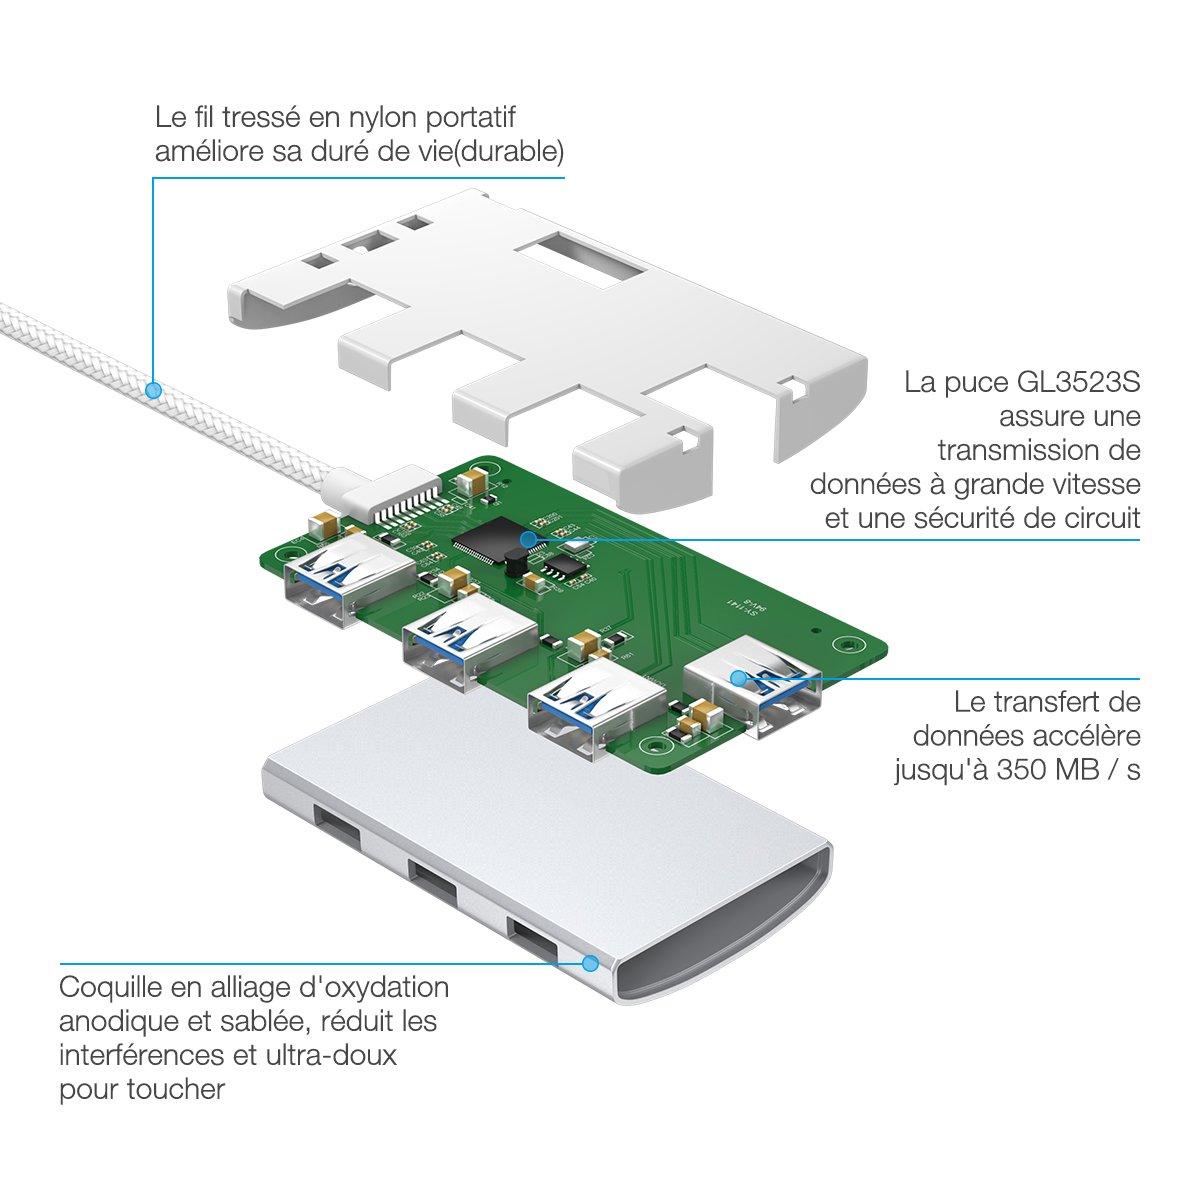 Poweradd Mini Hub Aluminium Type-C Réseau Adaptateur avec 4-Ports USB 3.0 pour Macbook/Chromebook Pixel et et d\'Autres Ordinateurs ou Tablettes avec USB C Ports (Argent)